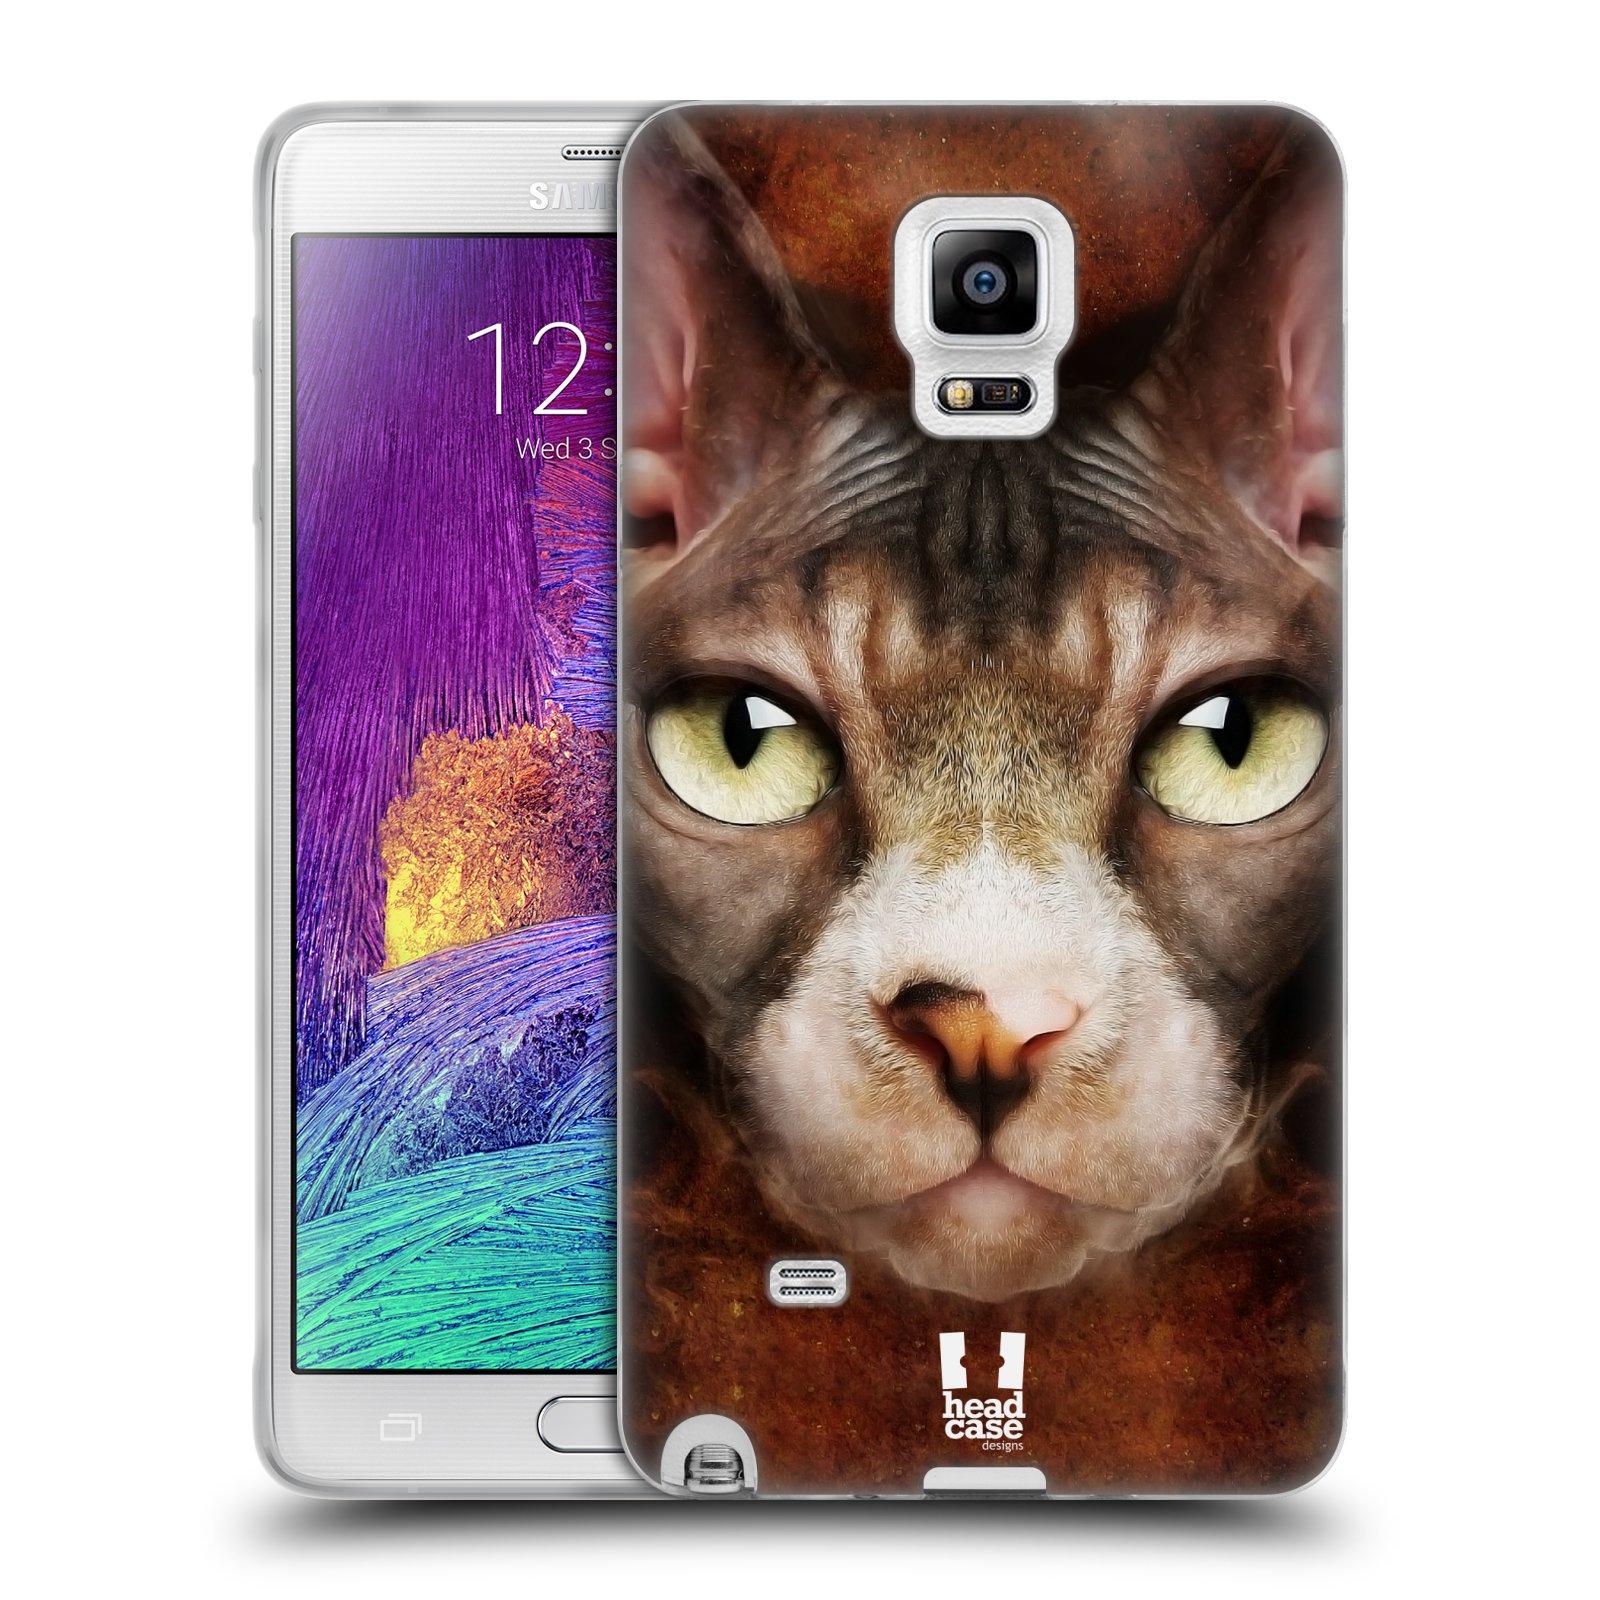 HEAD CASE silikonový obal na mobil Samsung Galaxy Note 4 (N910) vzor Zvířecí tváře kočka sphynx